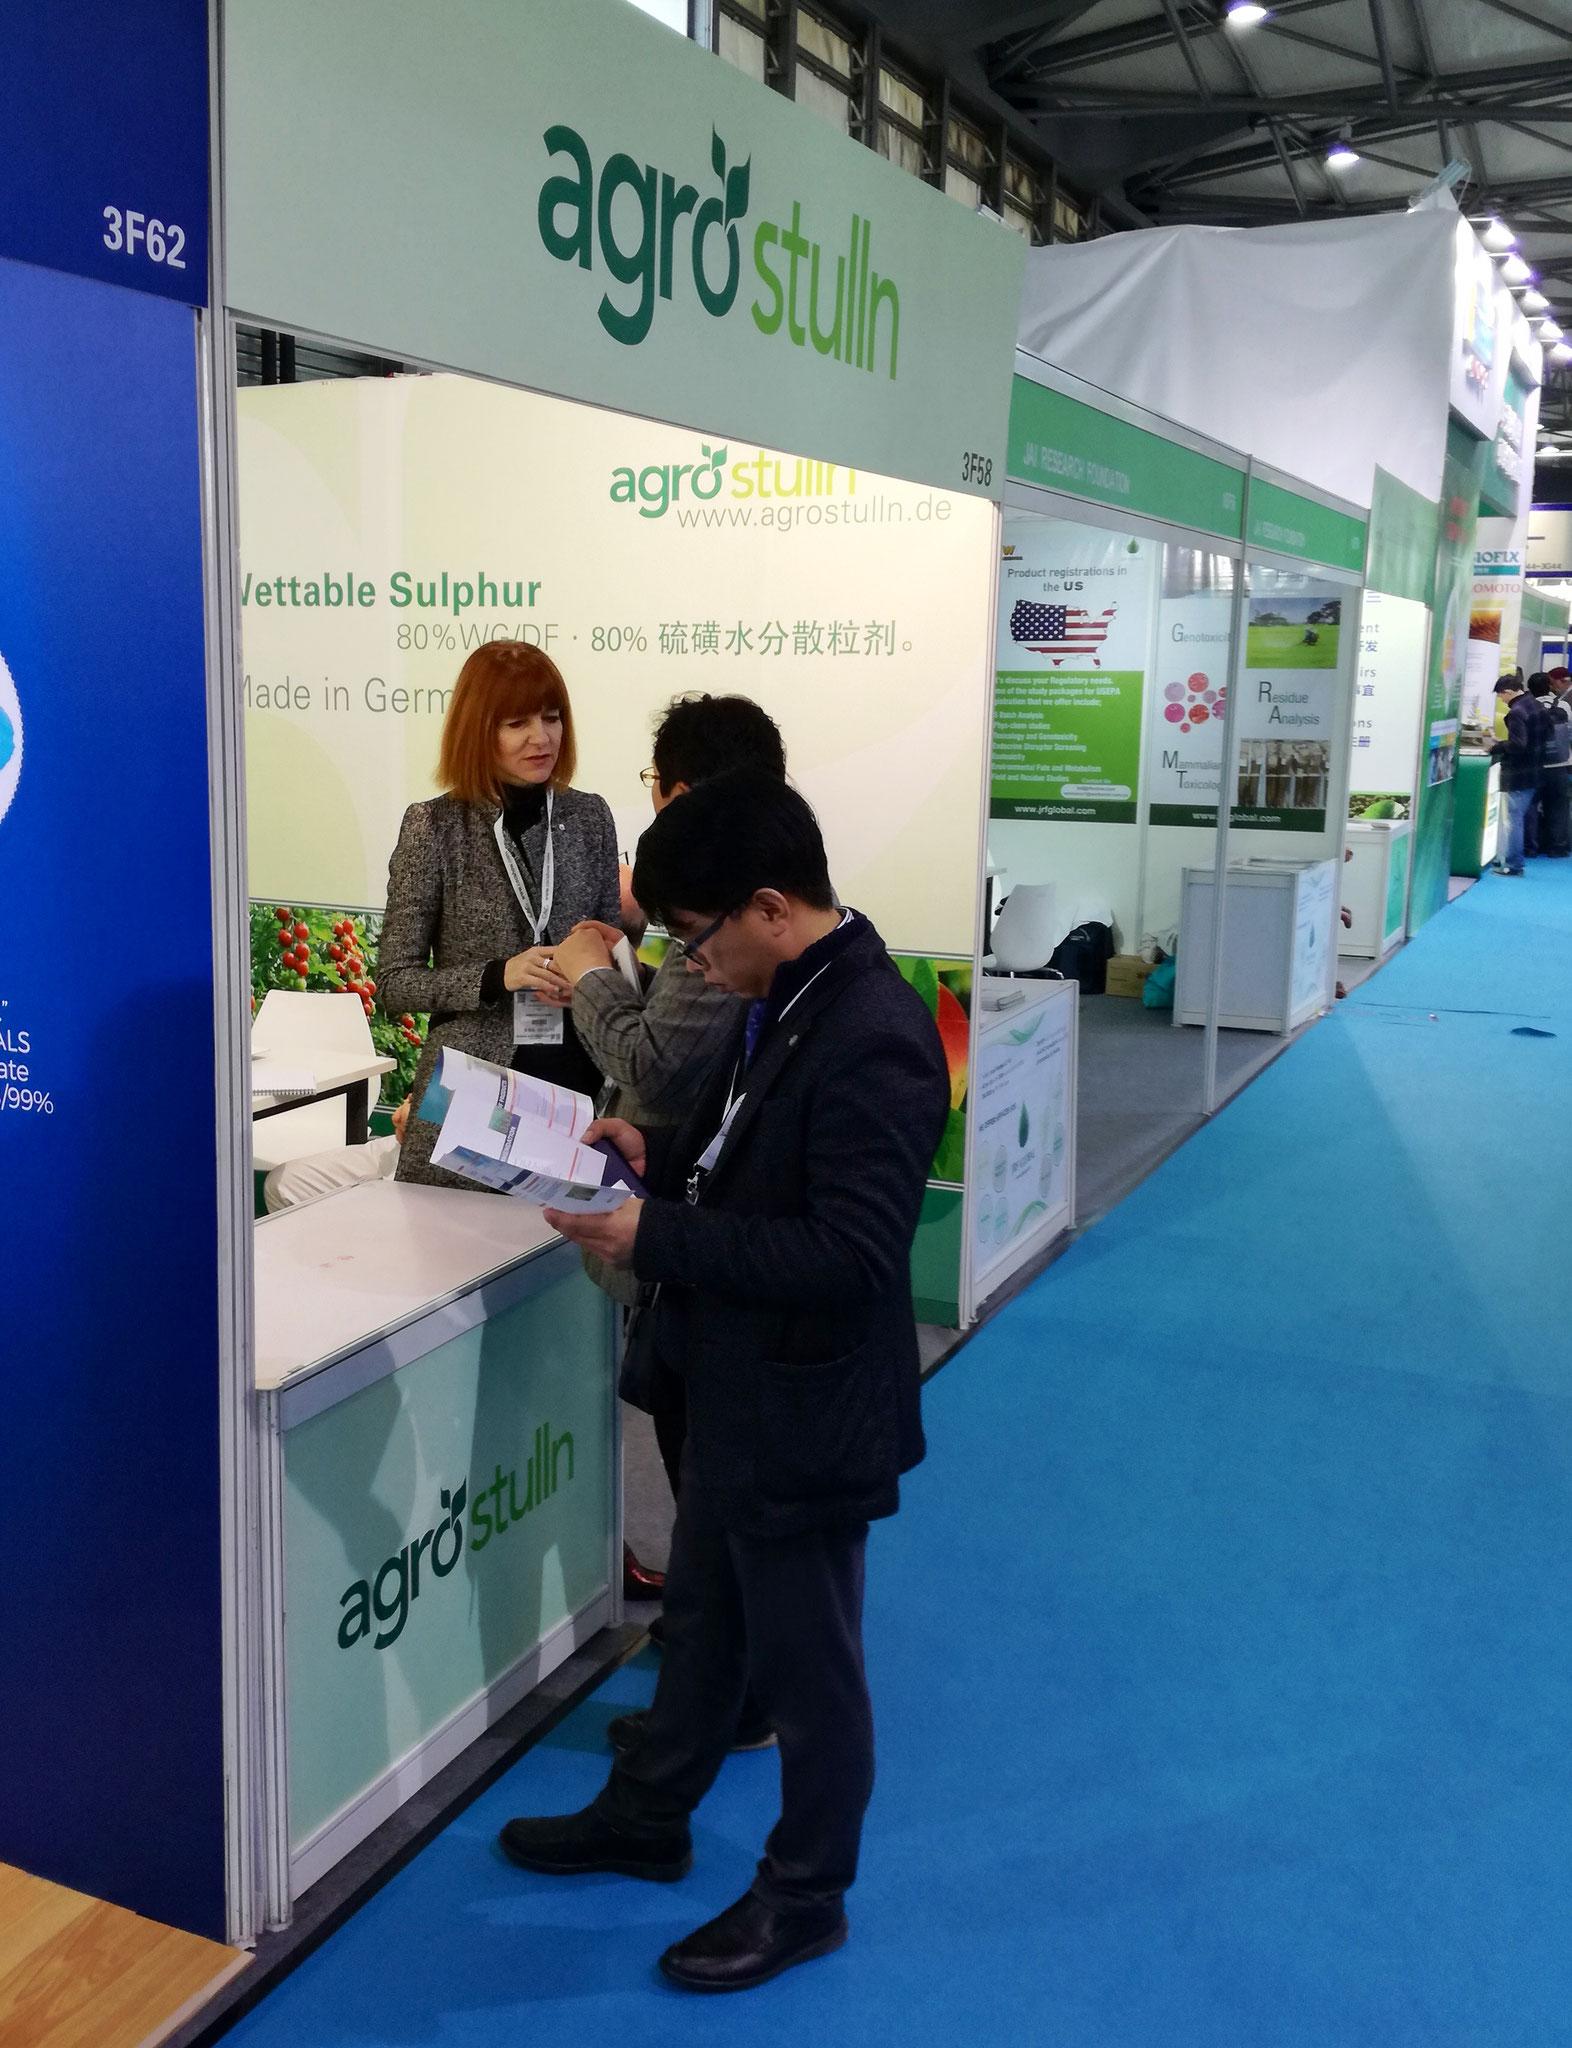 agrostulln als Aussteller auf der CAC Agrochemshow Shanghai